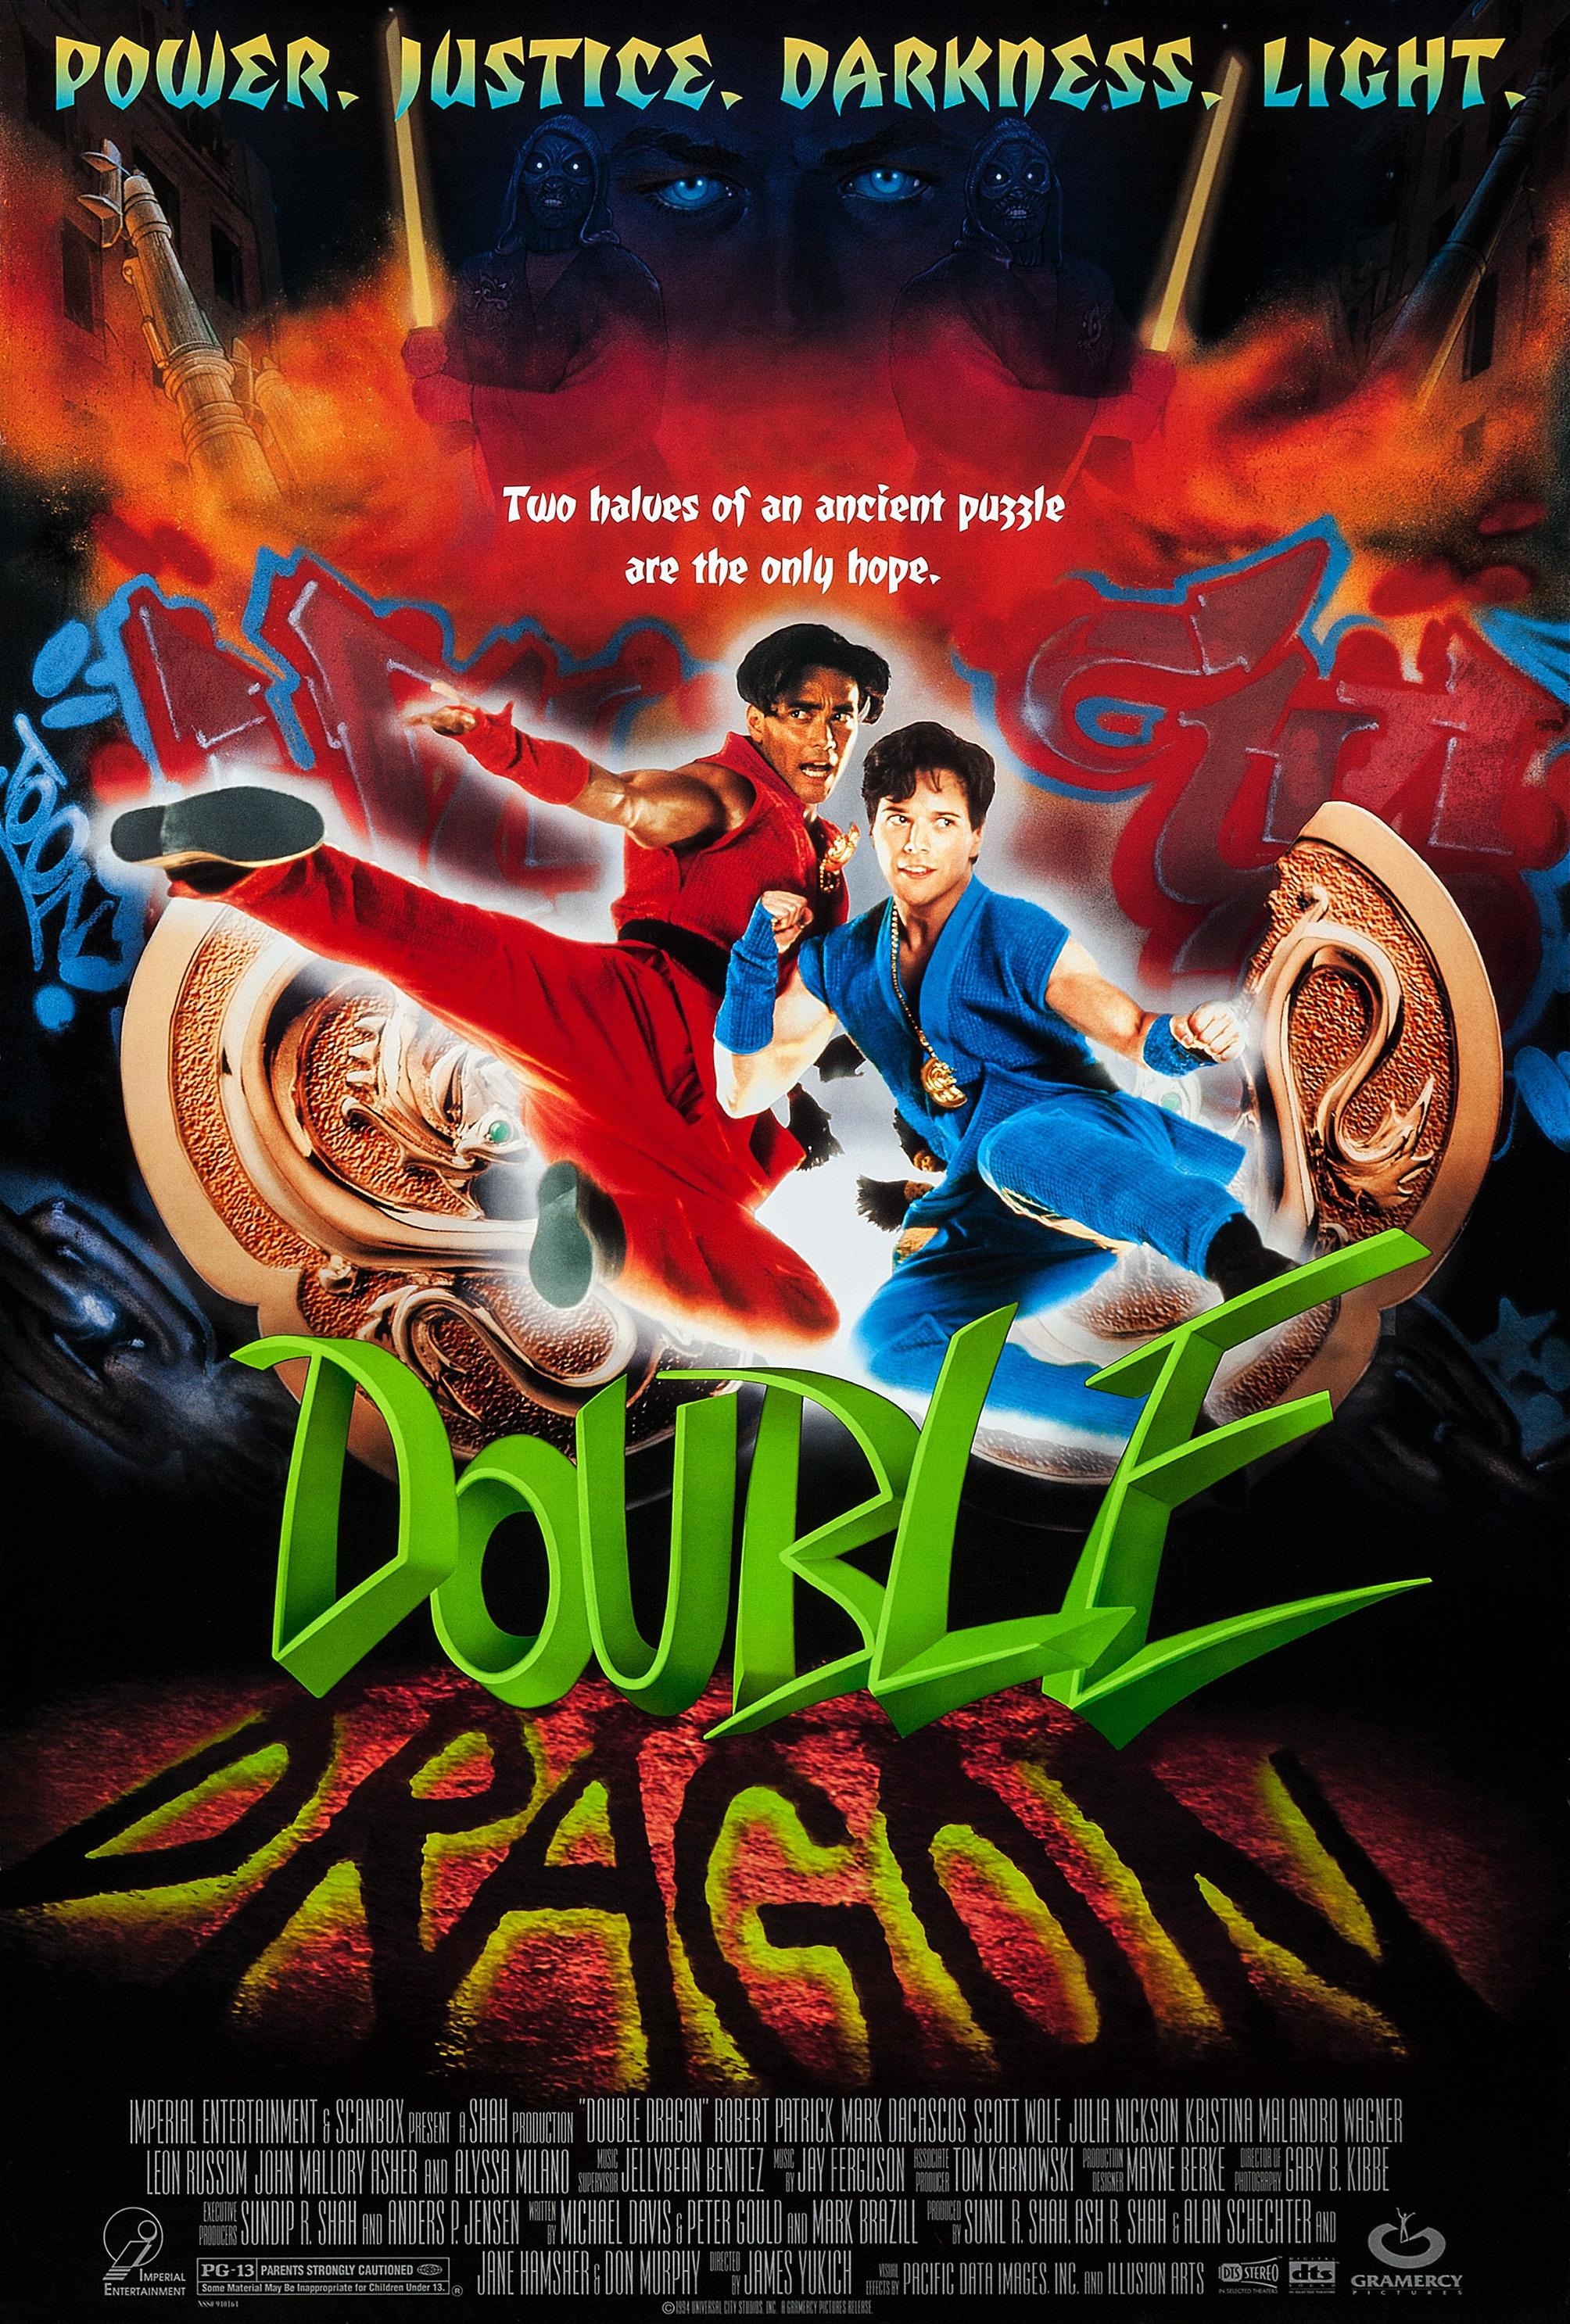 Double Dragon kapak